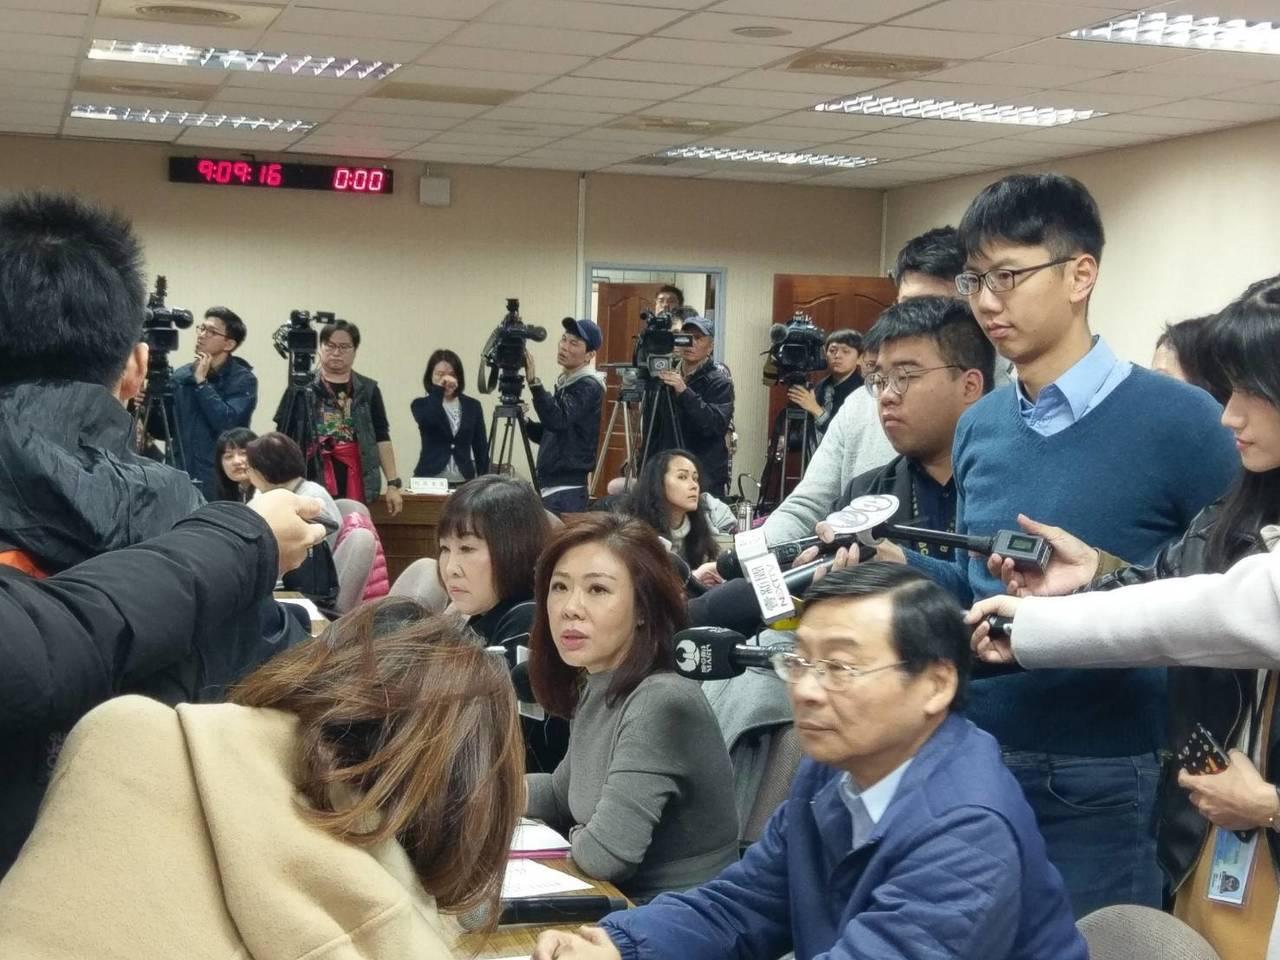 國民黨立委在外交國防委員會向外交部長吳釗燮表達不滿。記者徐偉真/攝影